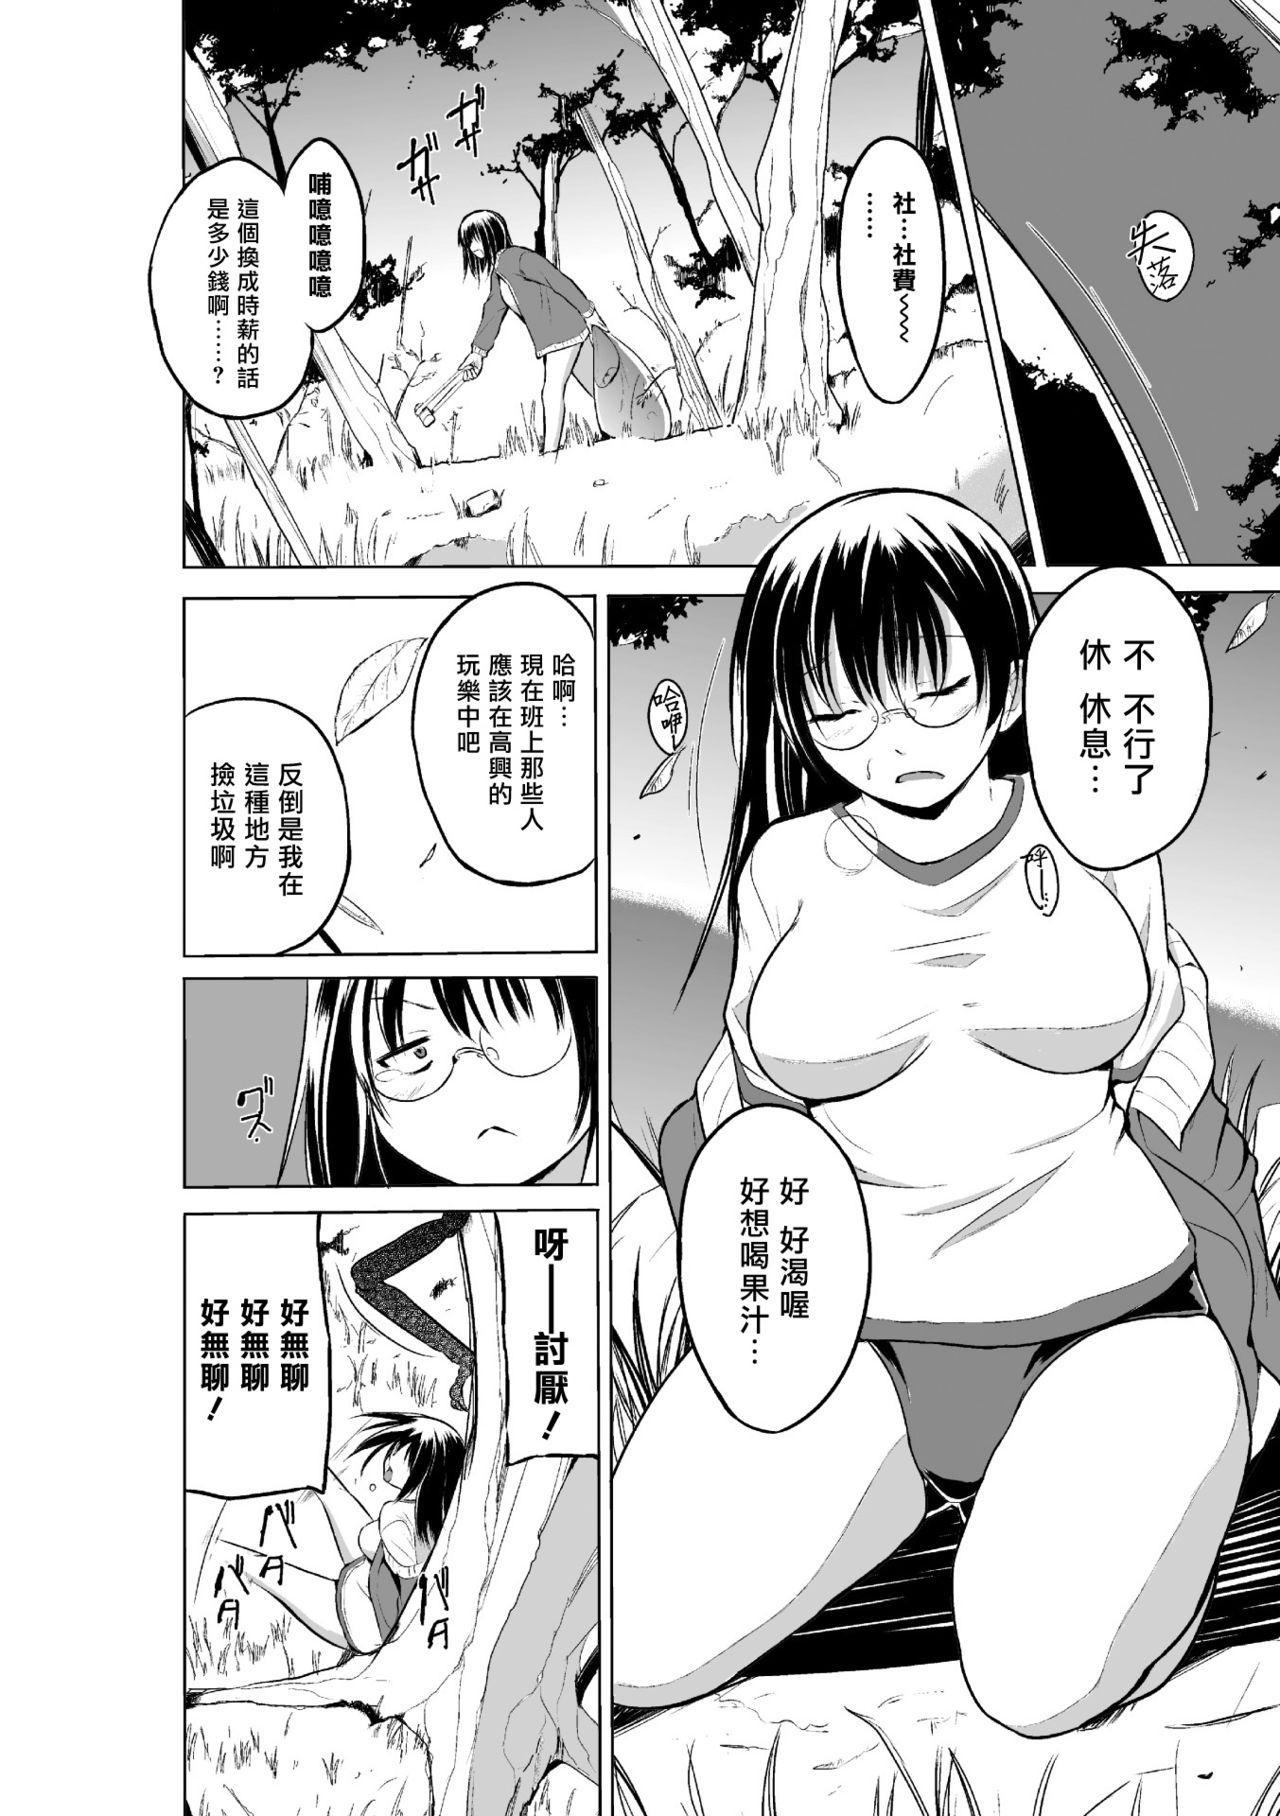 Mushi Yuugi 2 Ch. 1 7